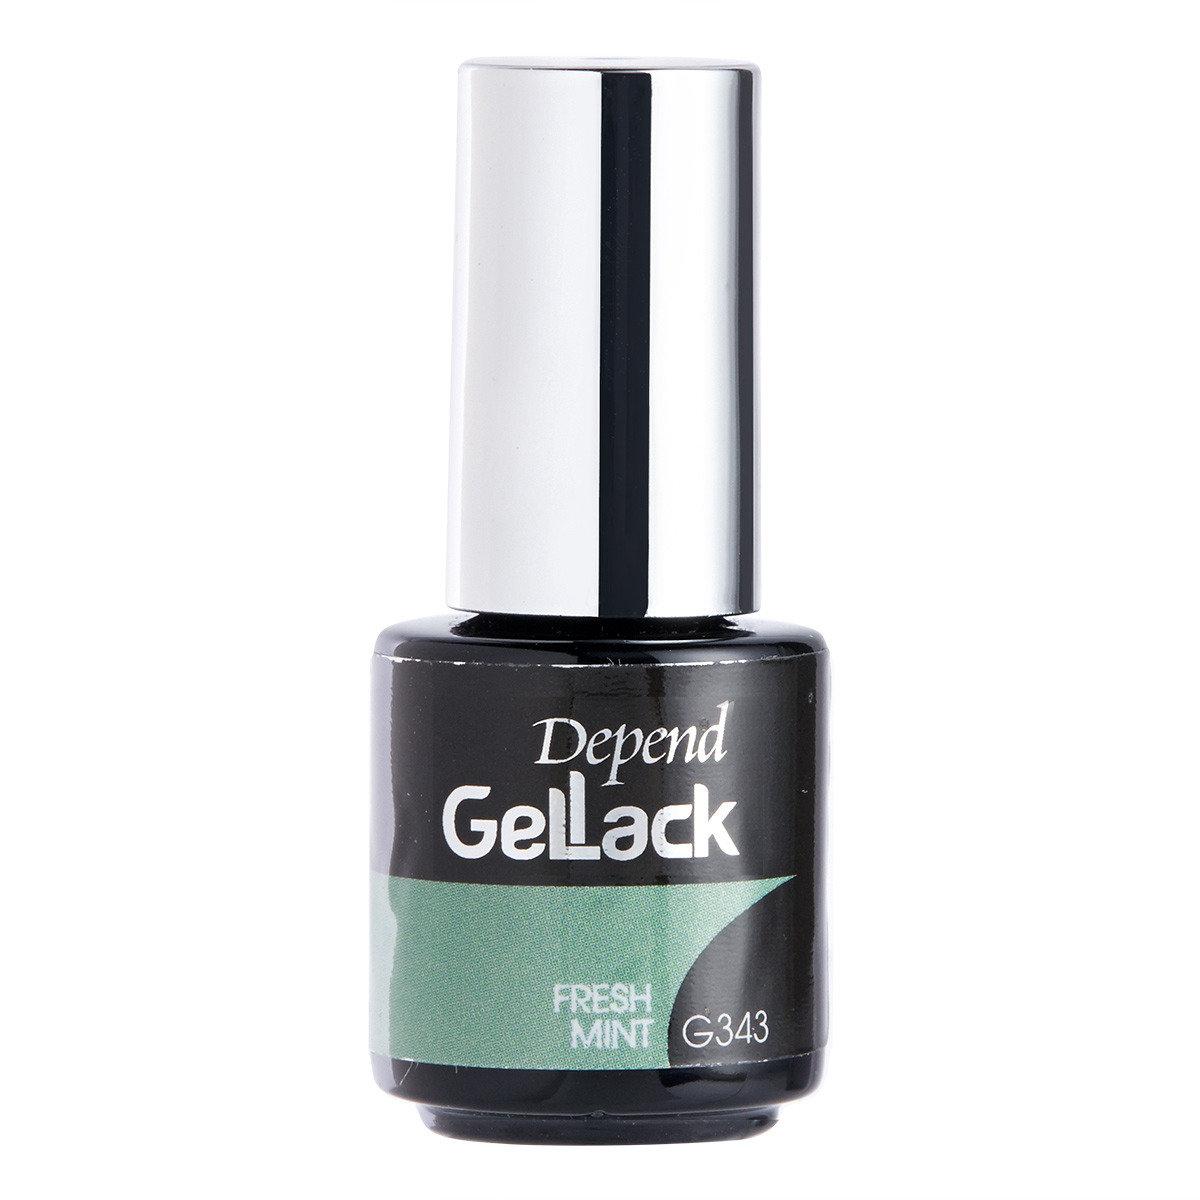 GELLACK指甲油-G343